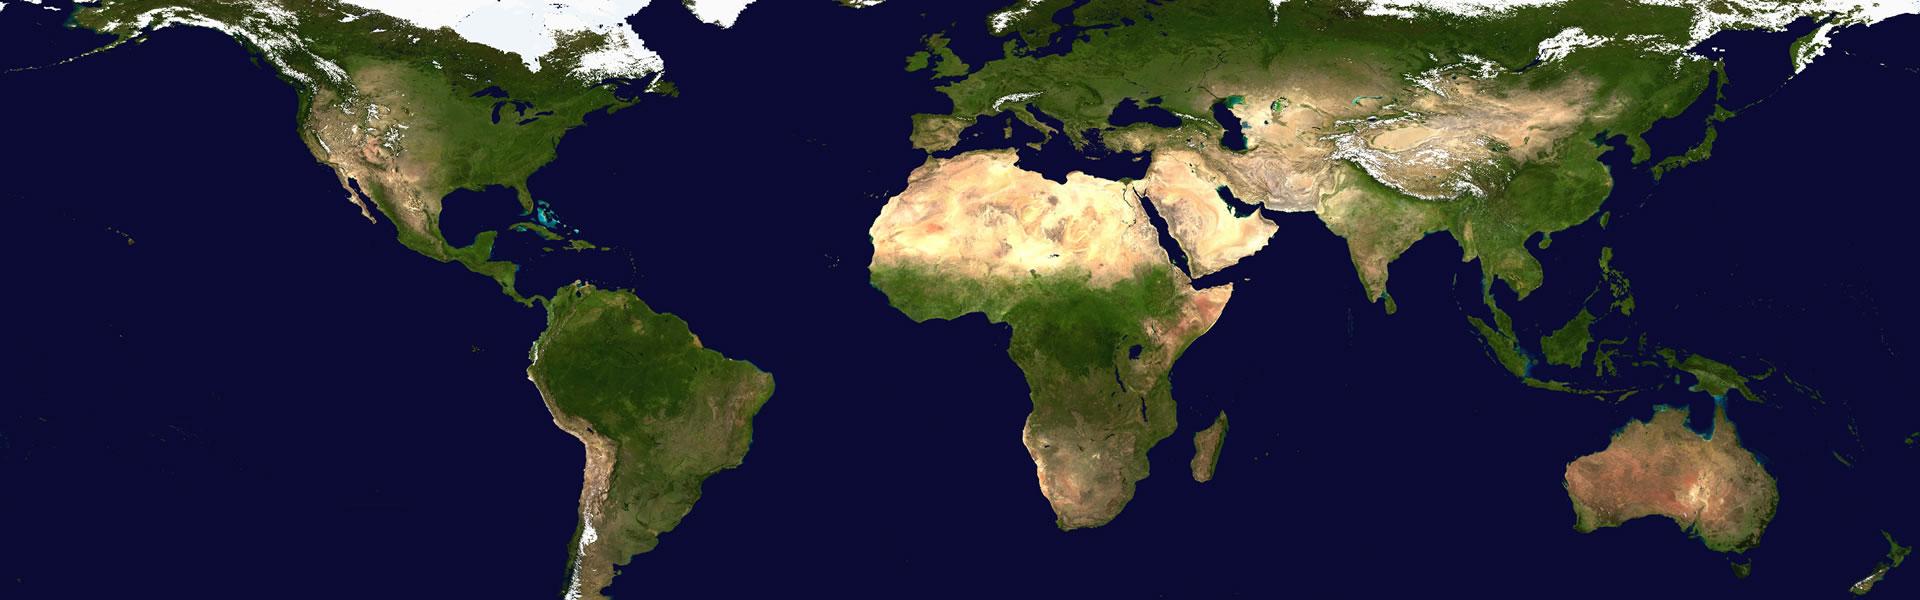 Previsioni Meteo mondo nel tuo sito